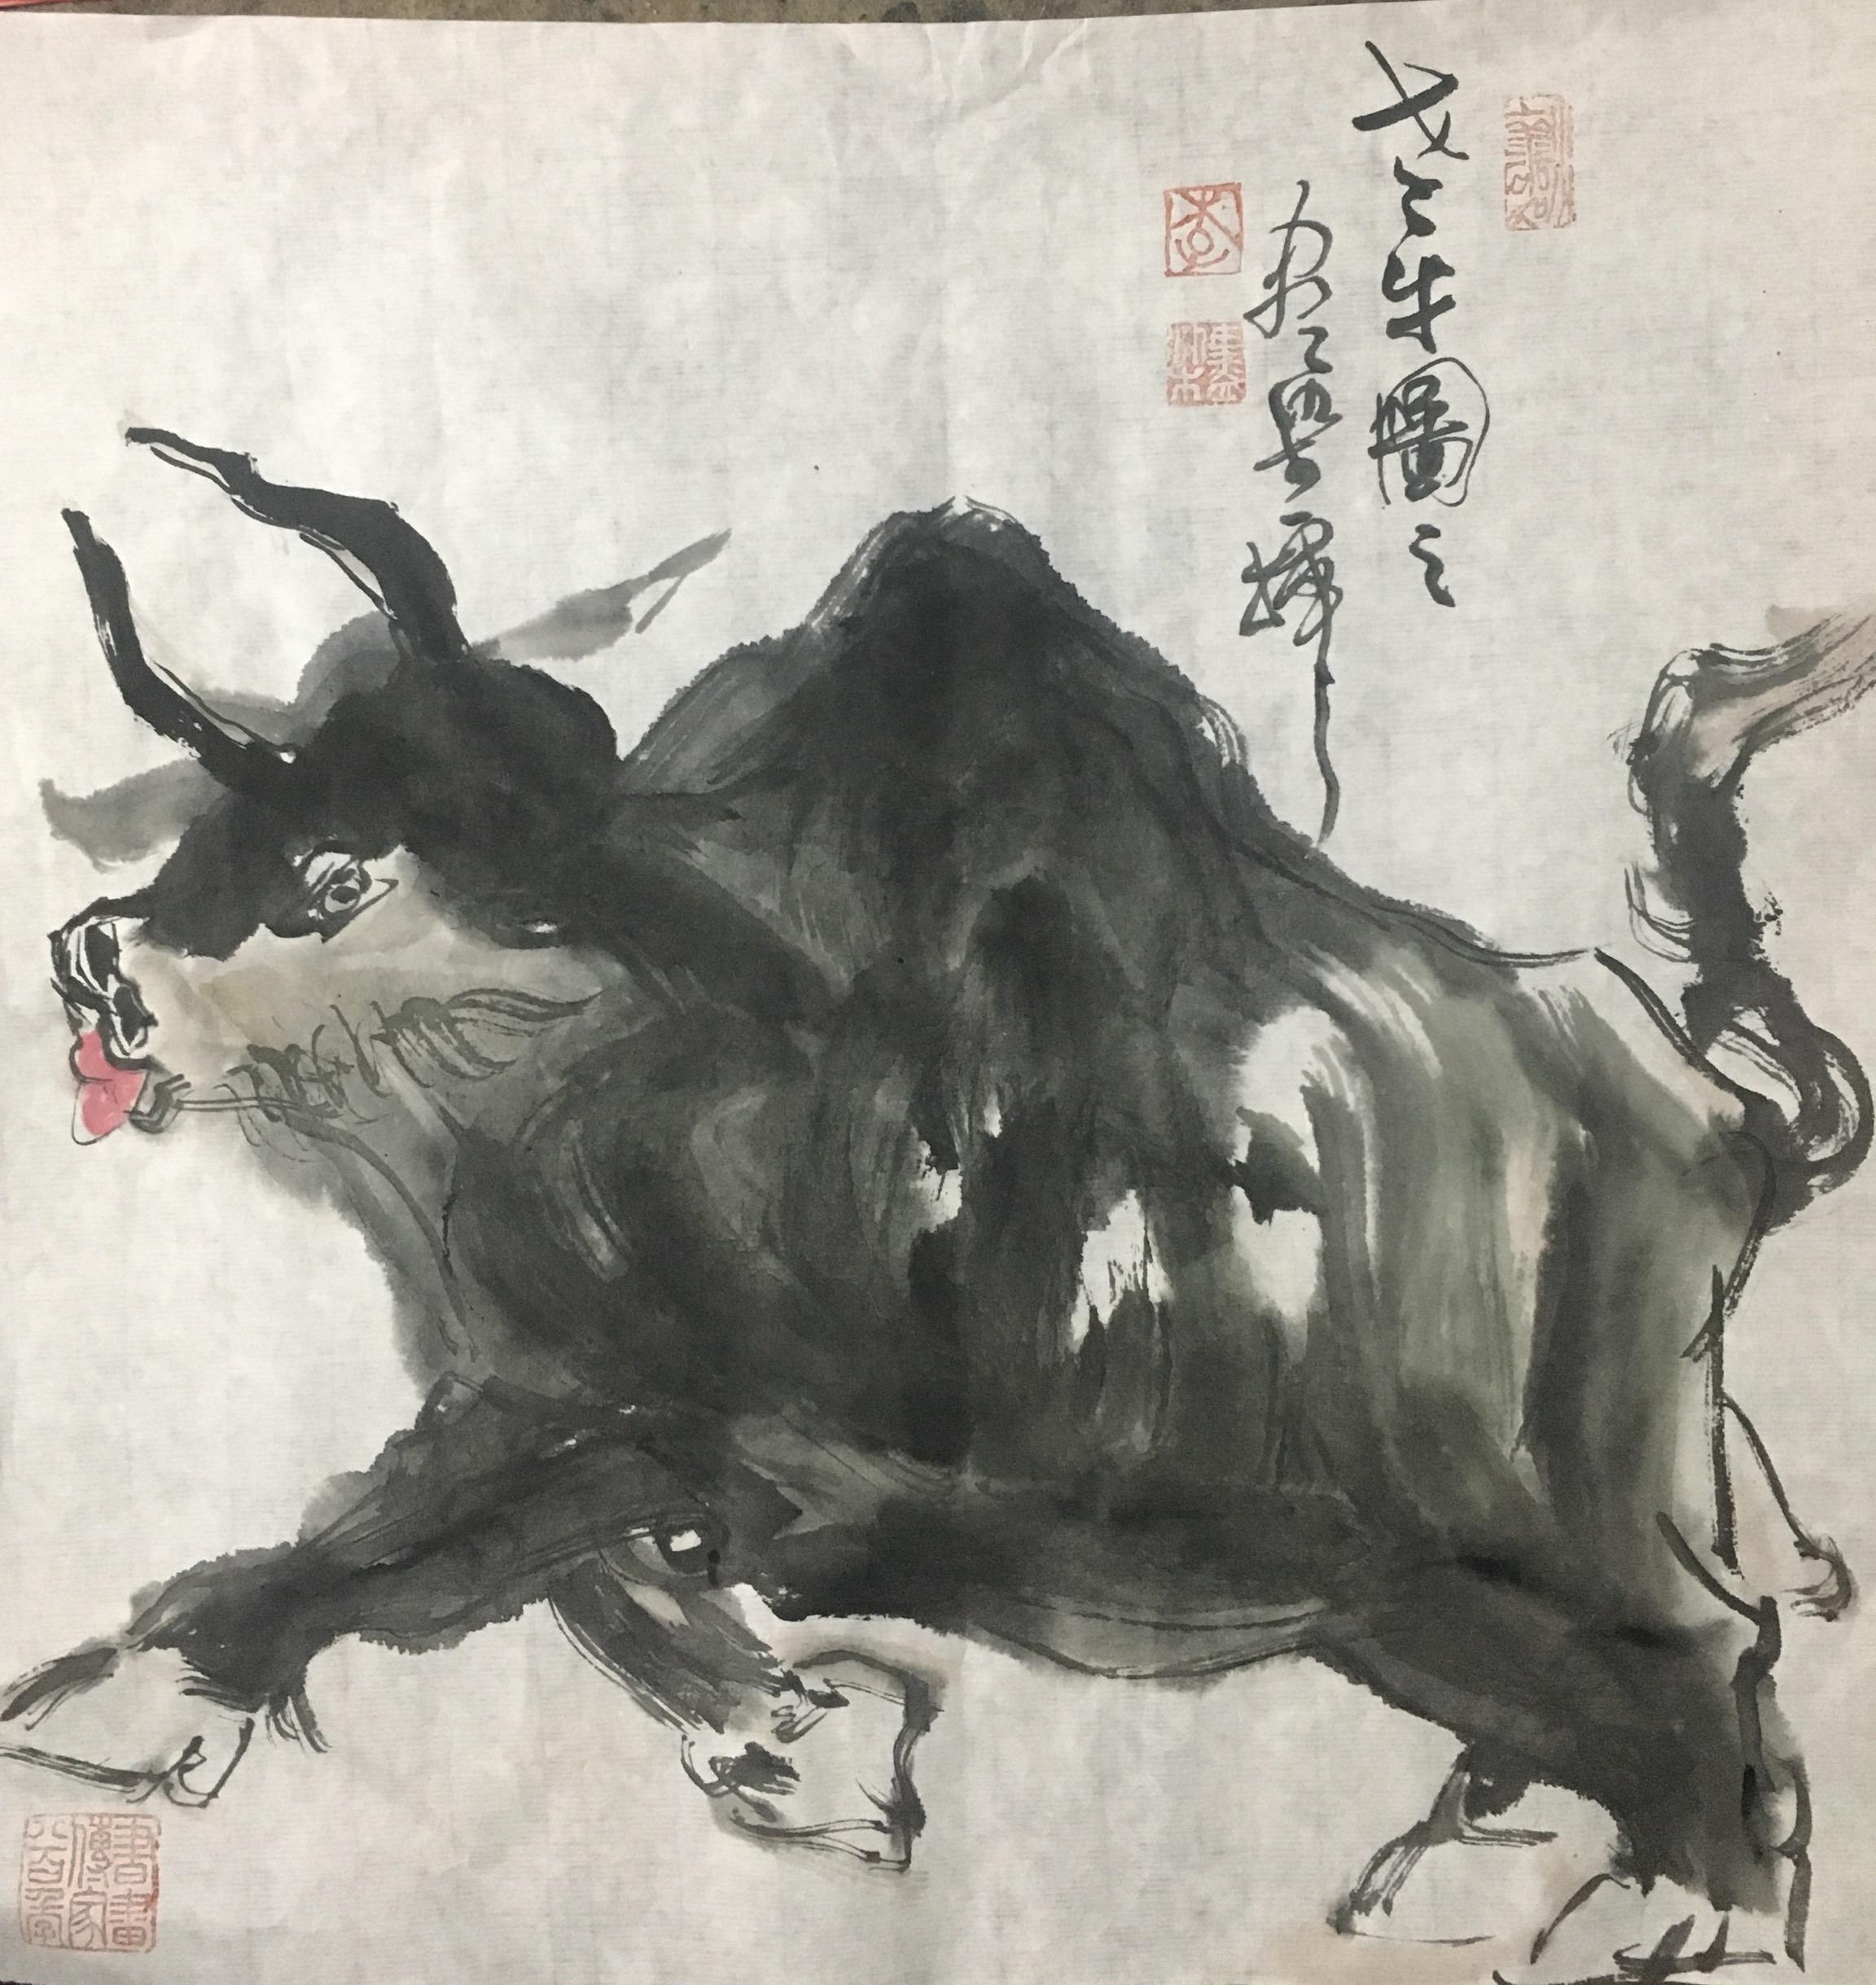 李尽染迎春百牛图网络展——牛气冲天